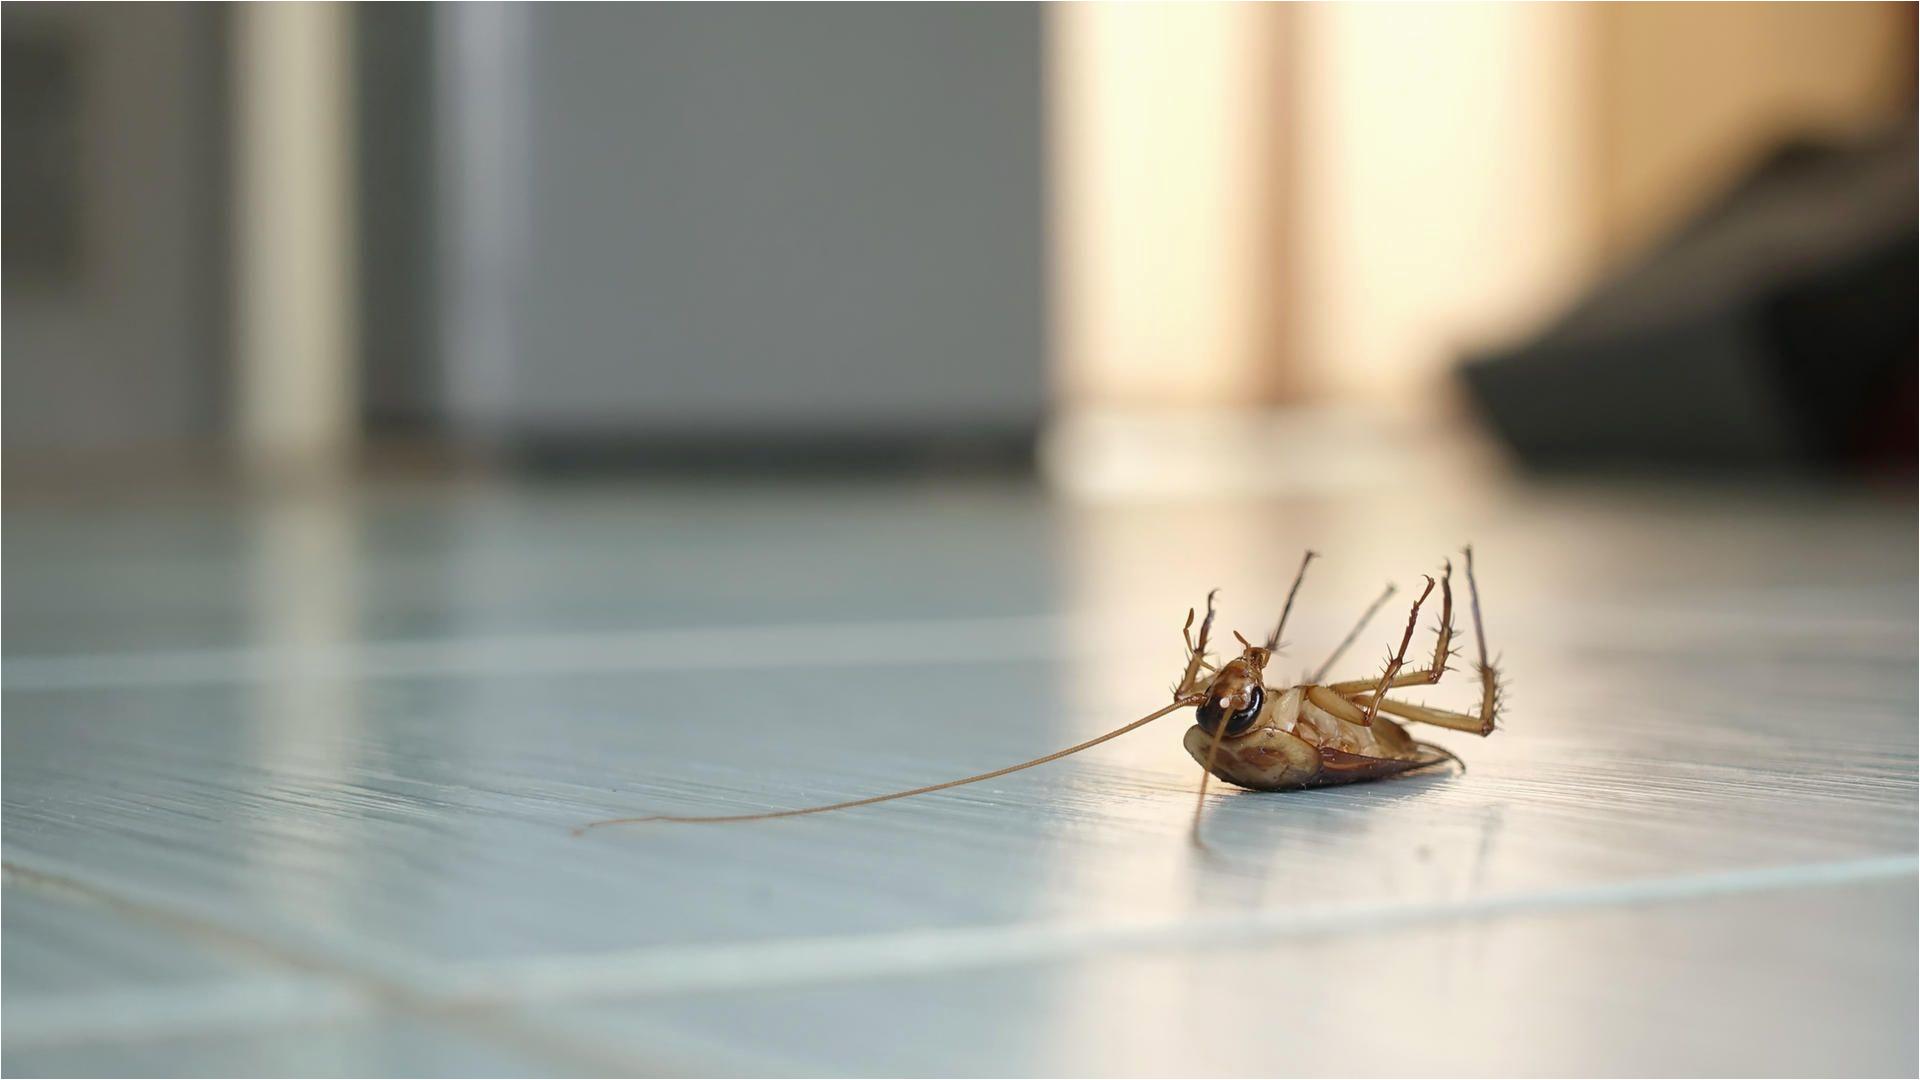 Naketano Auf Dem Küchentisch song Kakerlaken Bekämpfen Tipps Gegen Schaben In Haus Wohnung